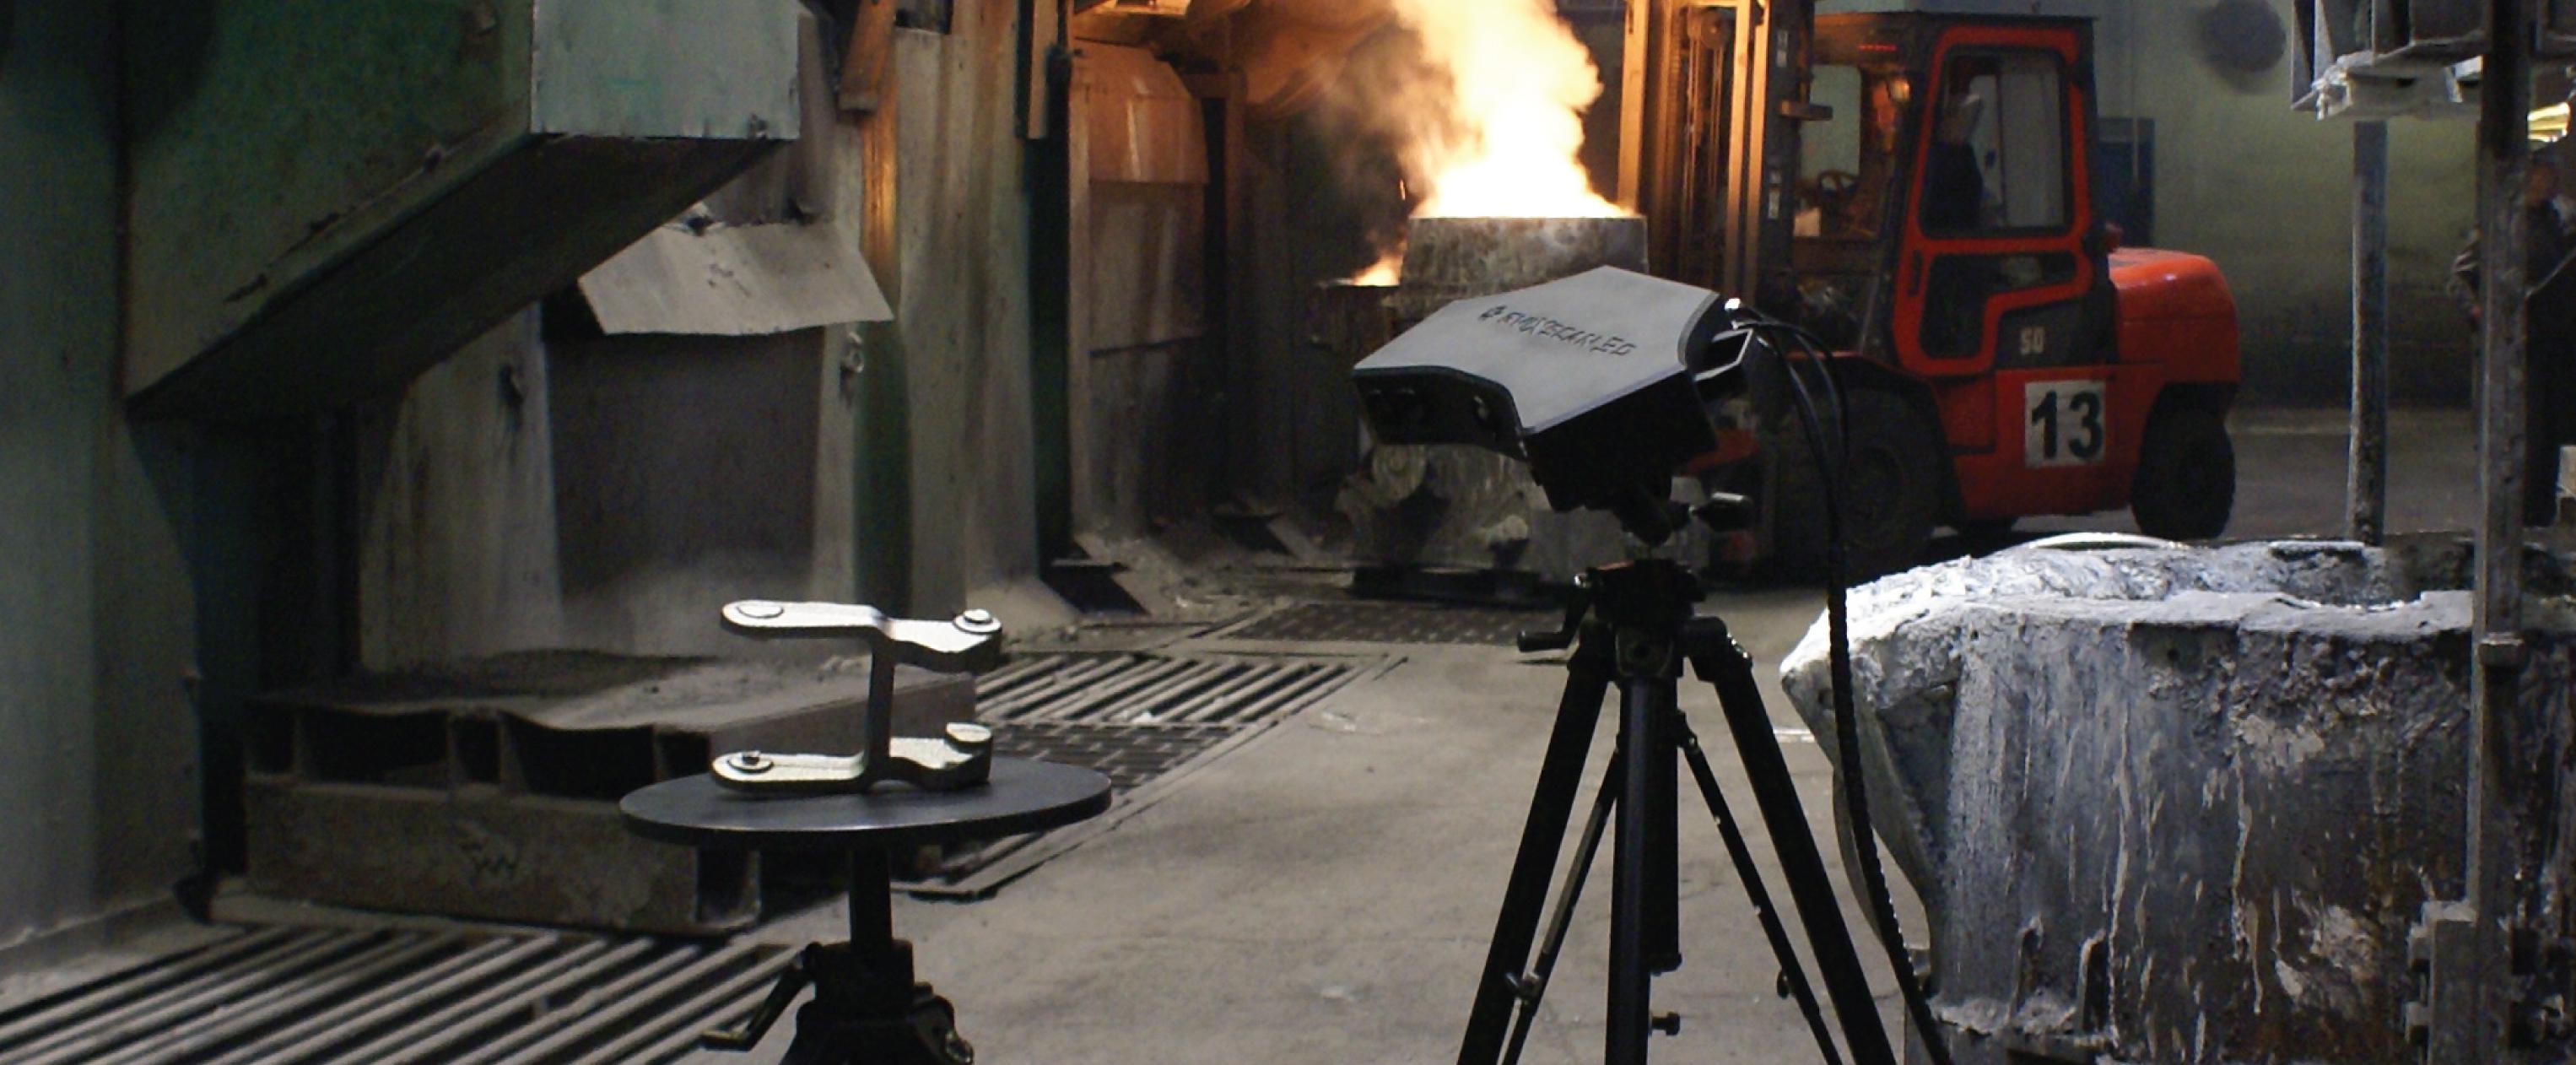 Escaner 3D midiendo piezas de fundición.